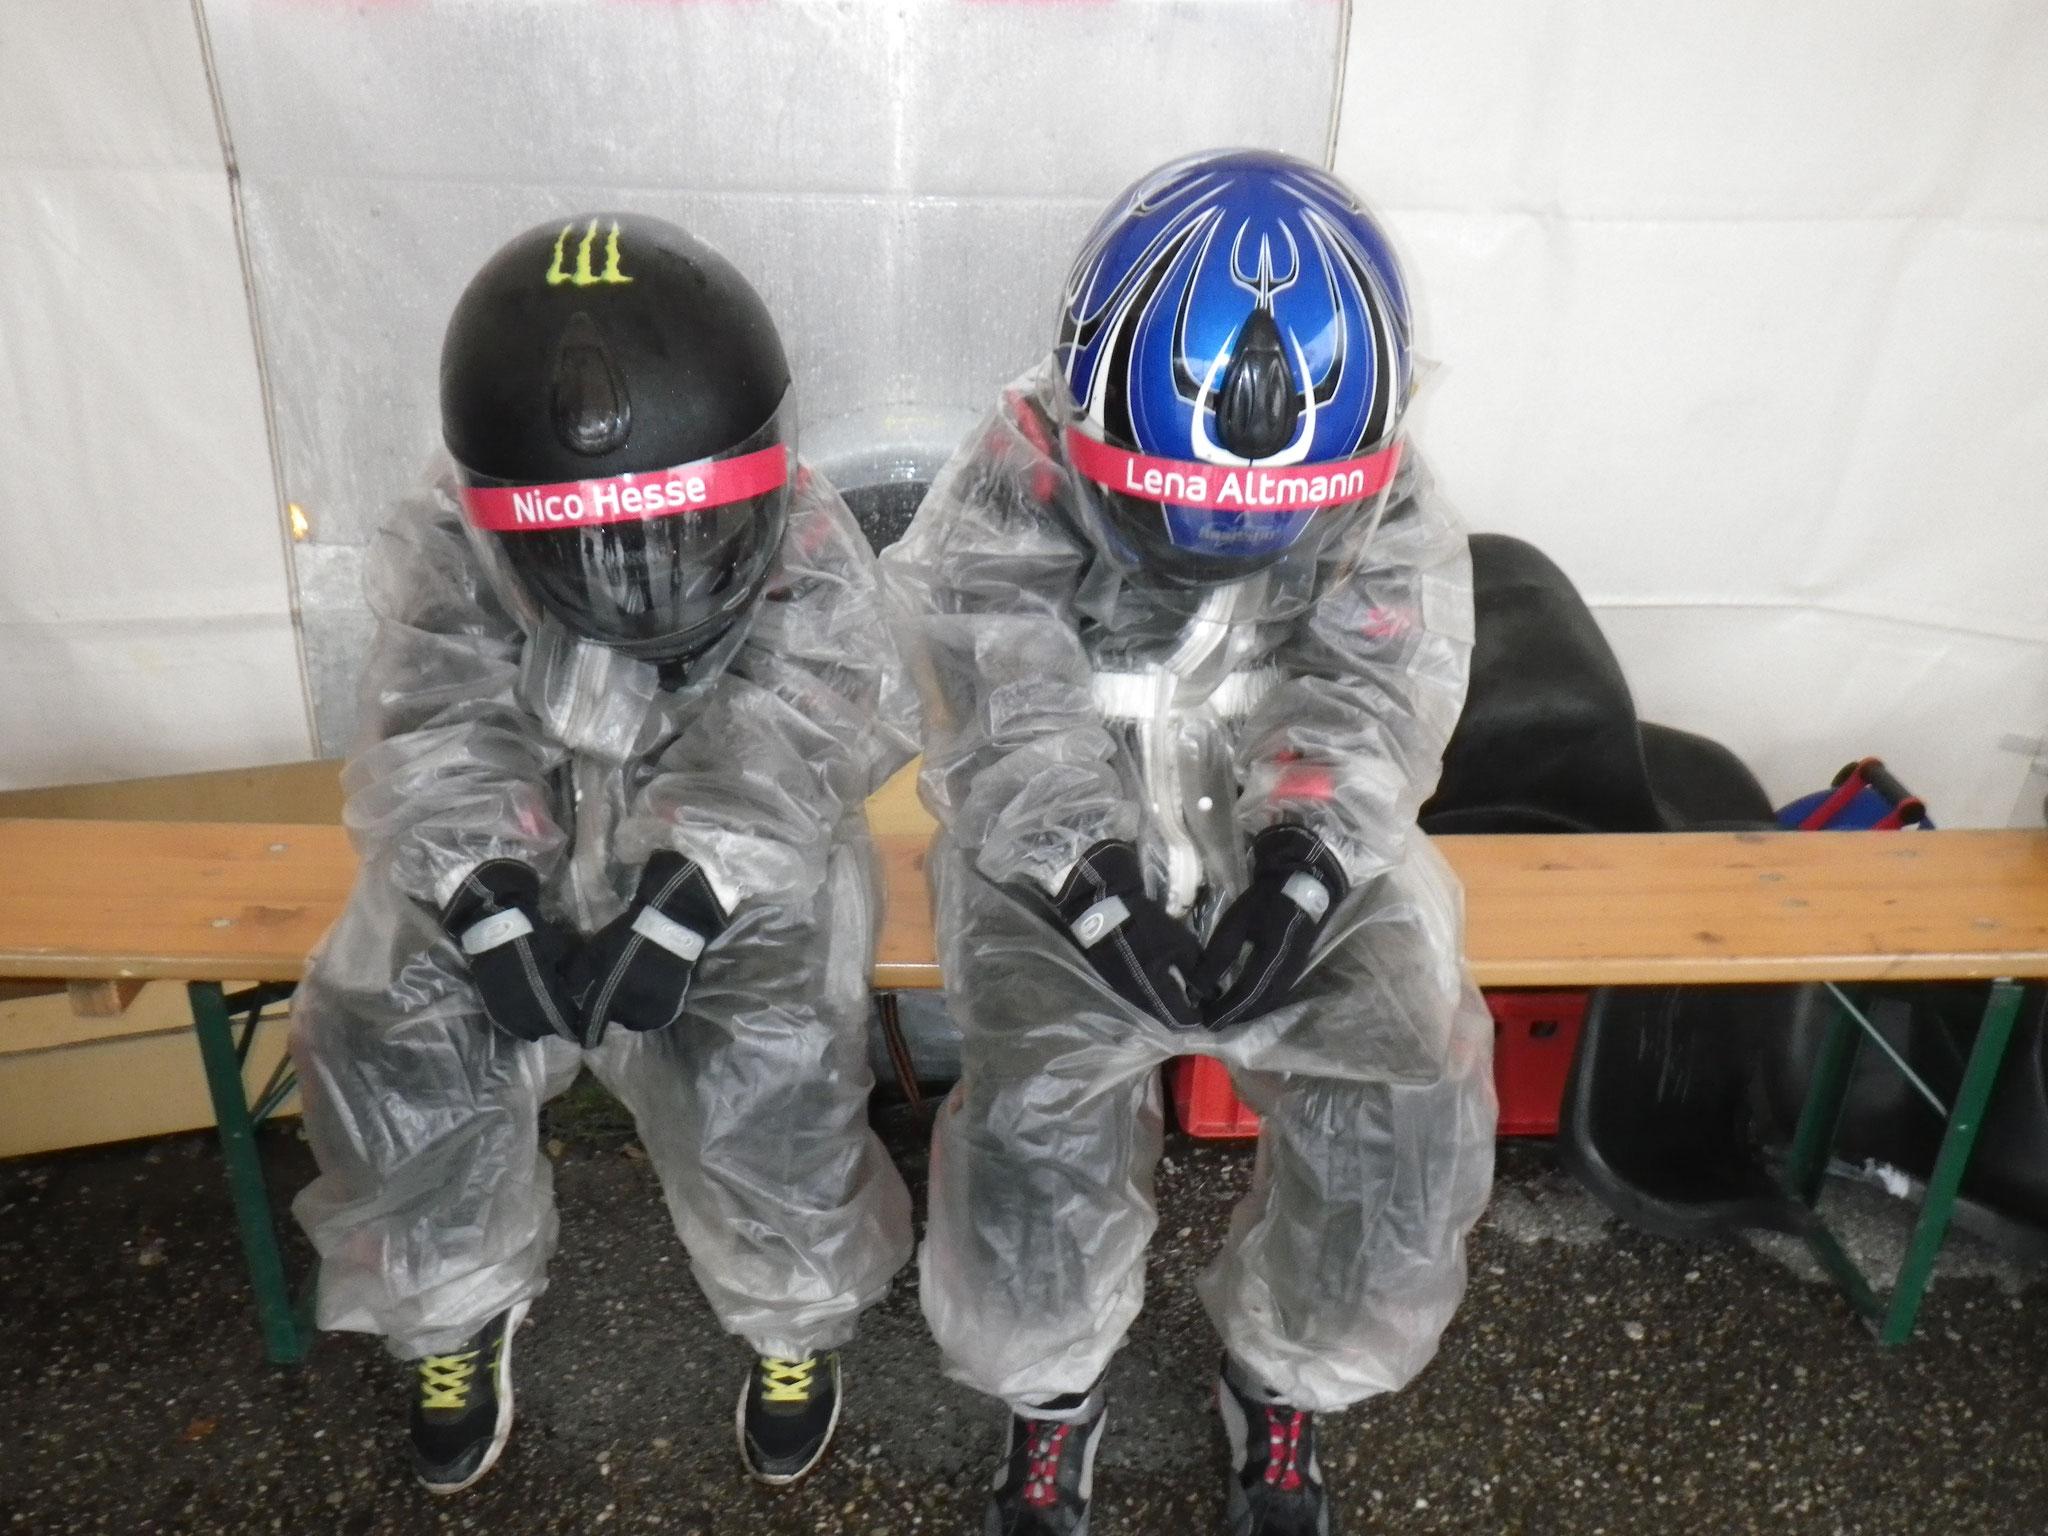 Nico Hesse und Lena Altmann in Regenanzügen bereit zum Start